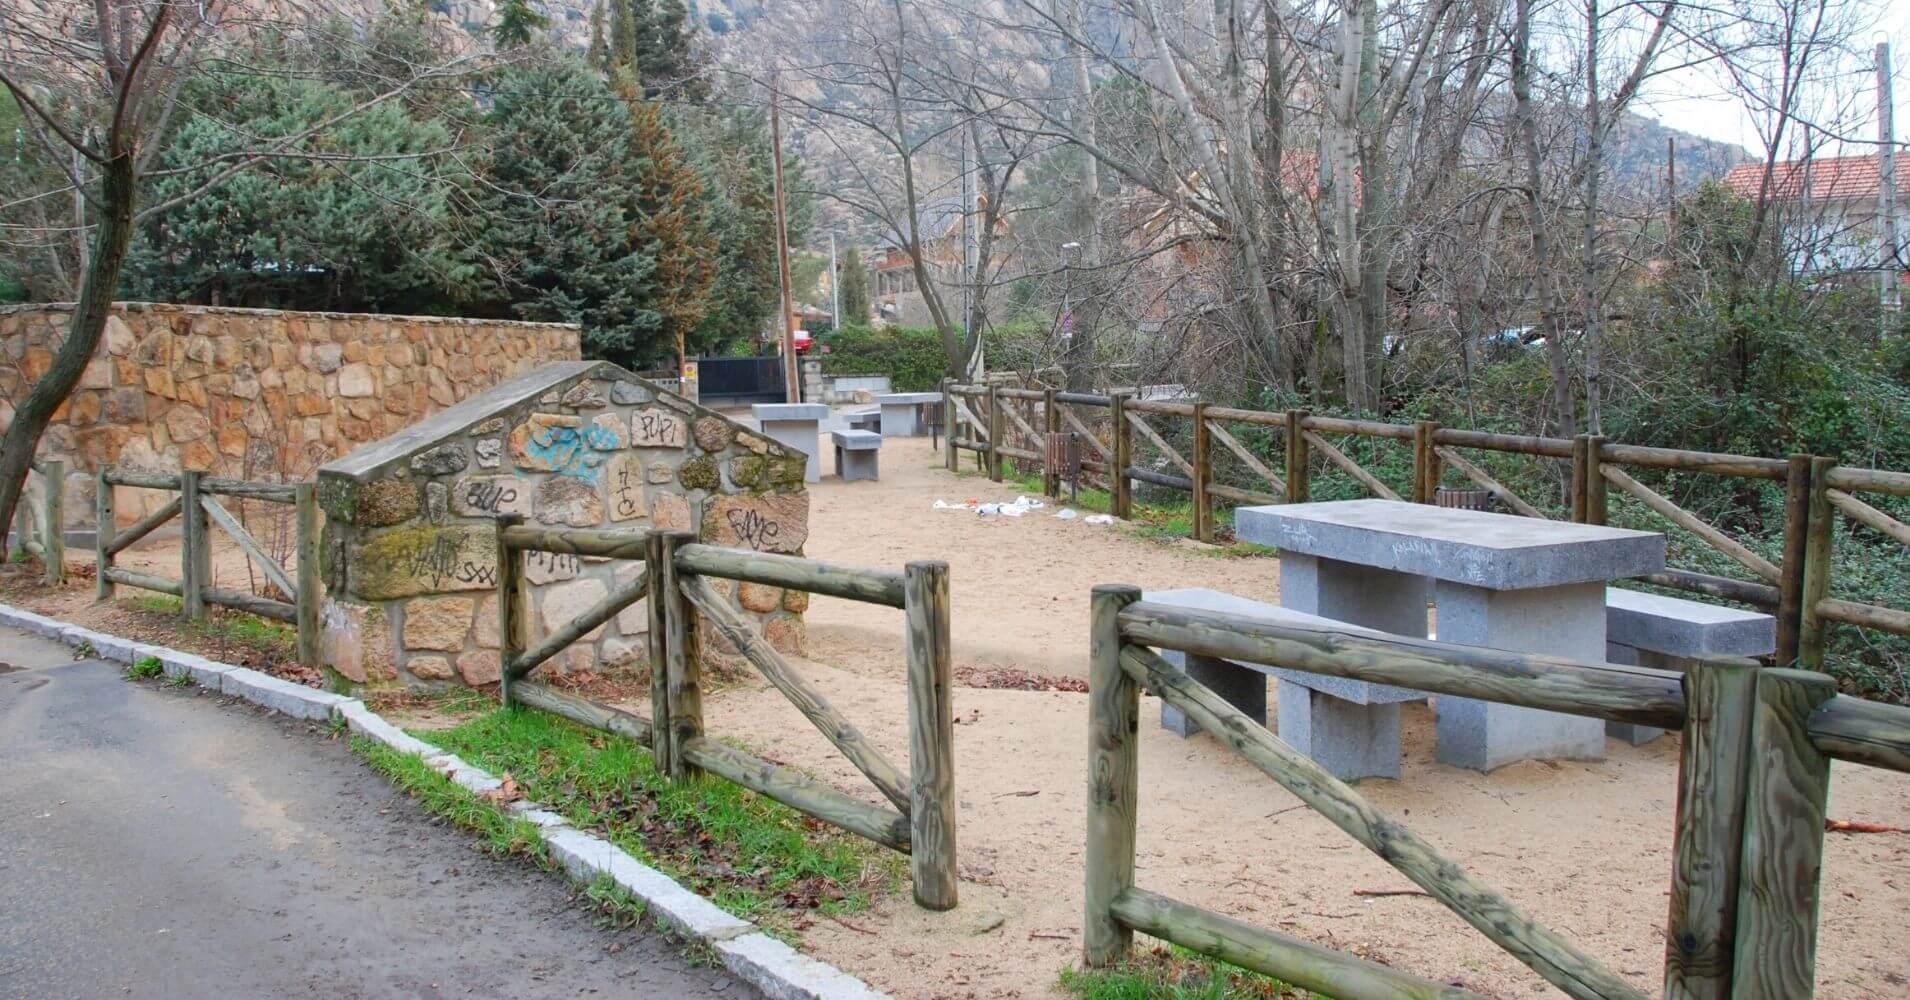 Área Recreativa de El Tranco. Manzanares el Real. Comunidad de Madrid.